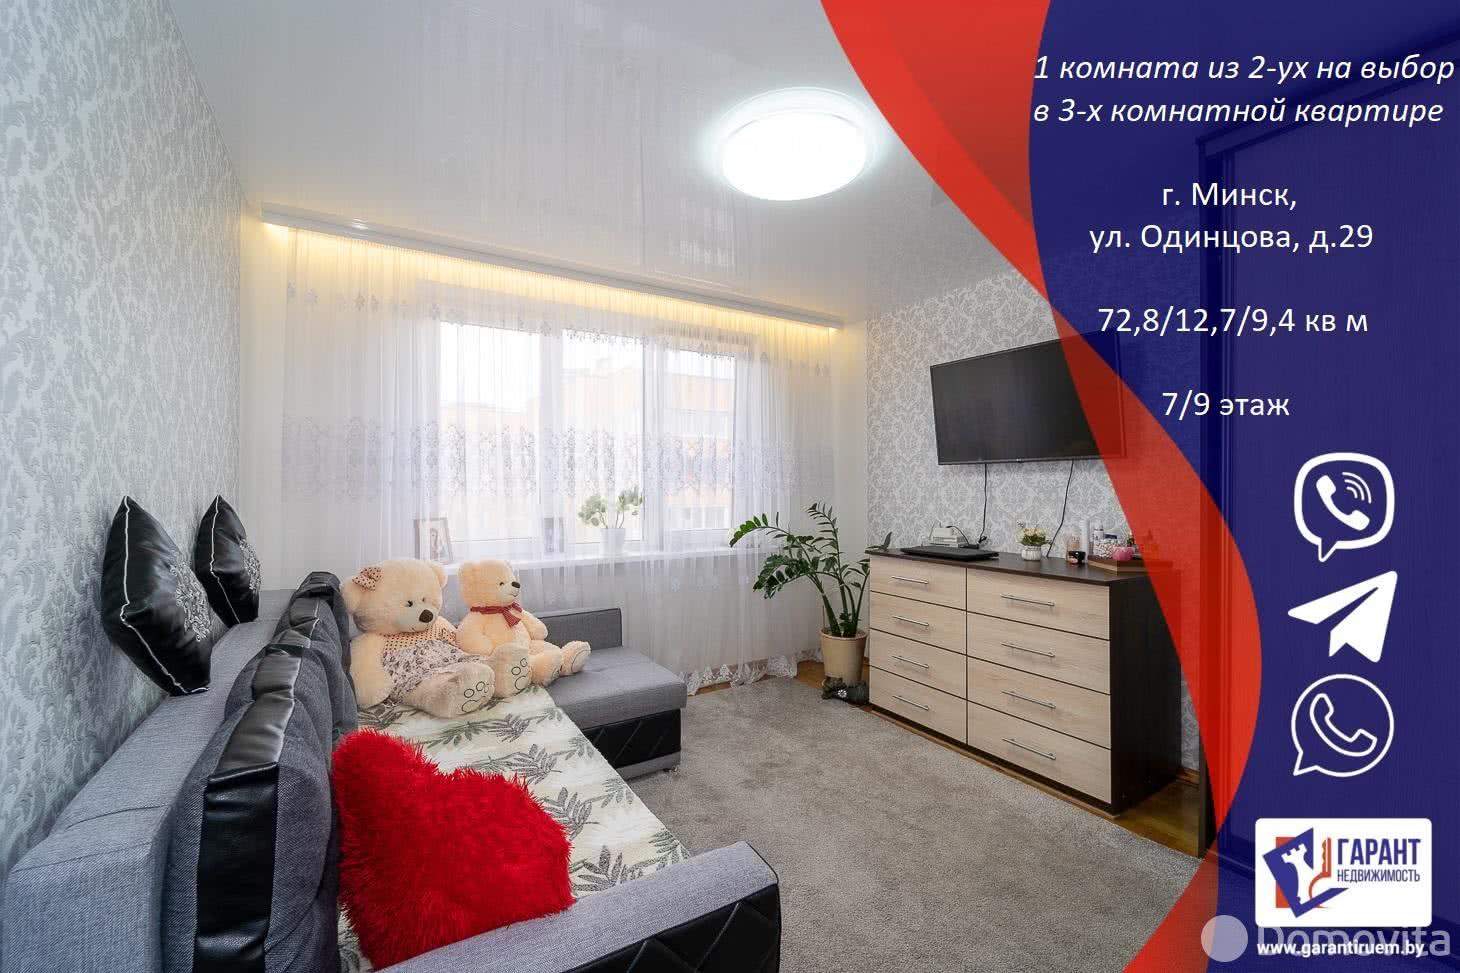 Купить комнату в Минске, ул. Одинцова, д. 29 - фото 1